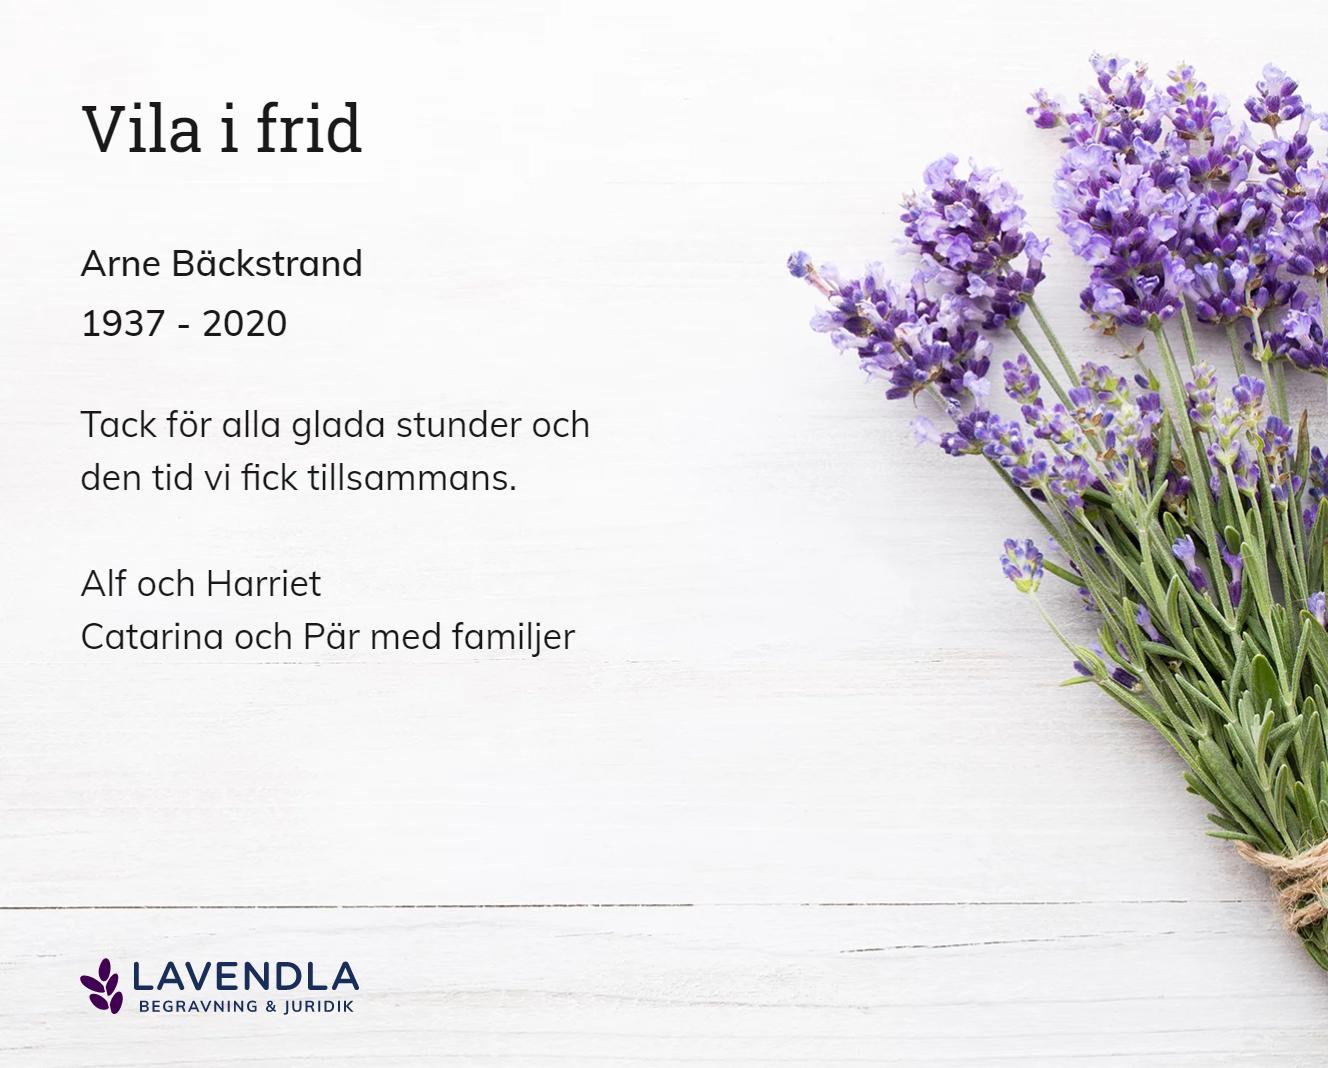 Inbjudningskort till ceremonin för Arne Bäckstrand